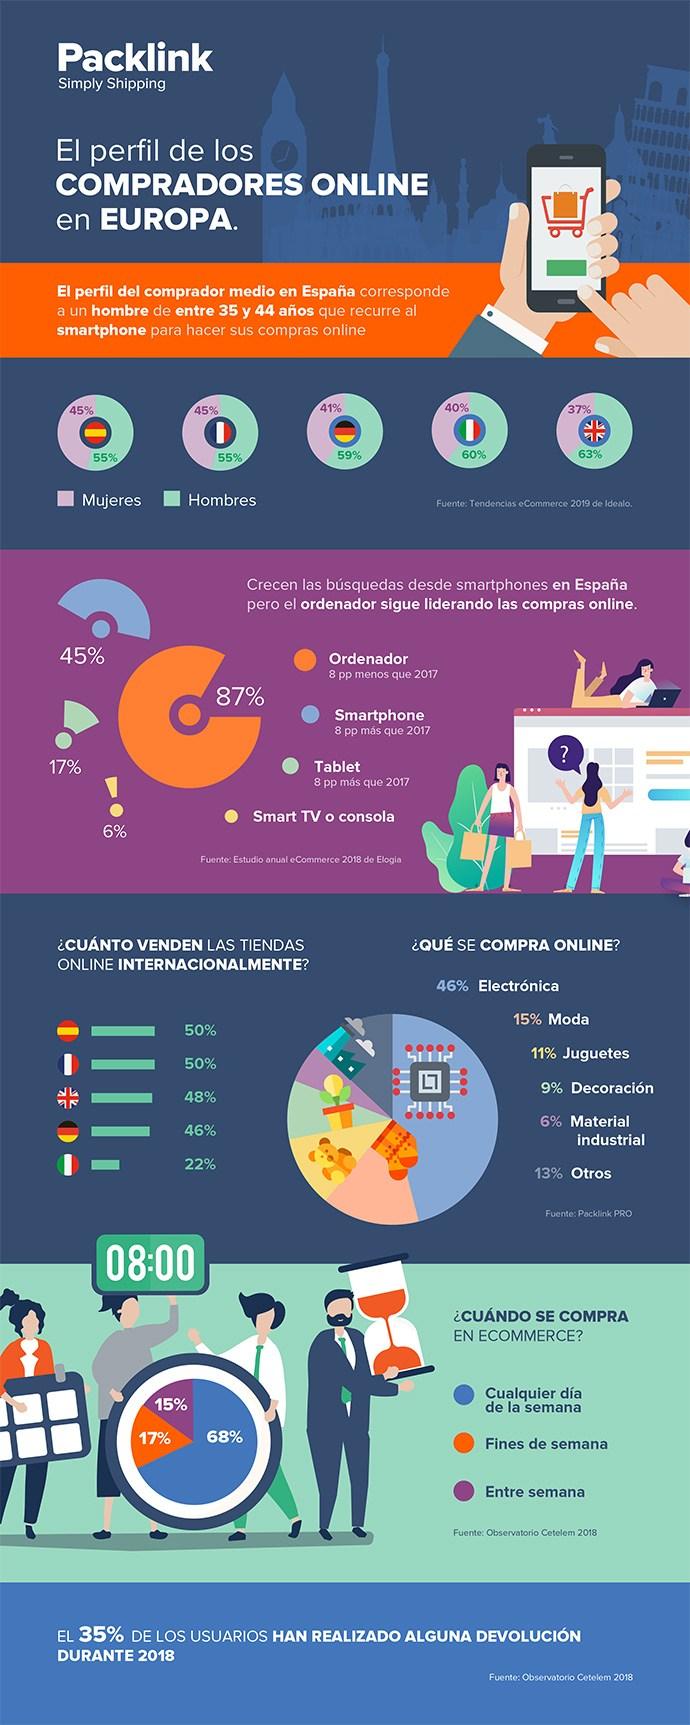 El perfil de comprador online en Europa #infografia #ecommerce #marketing